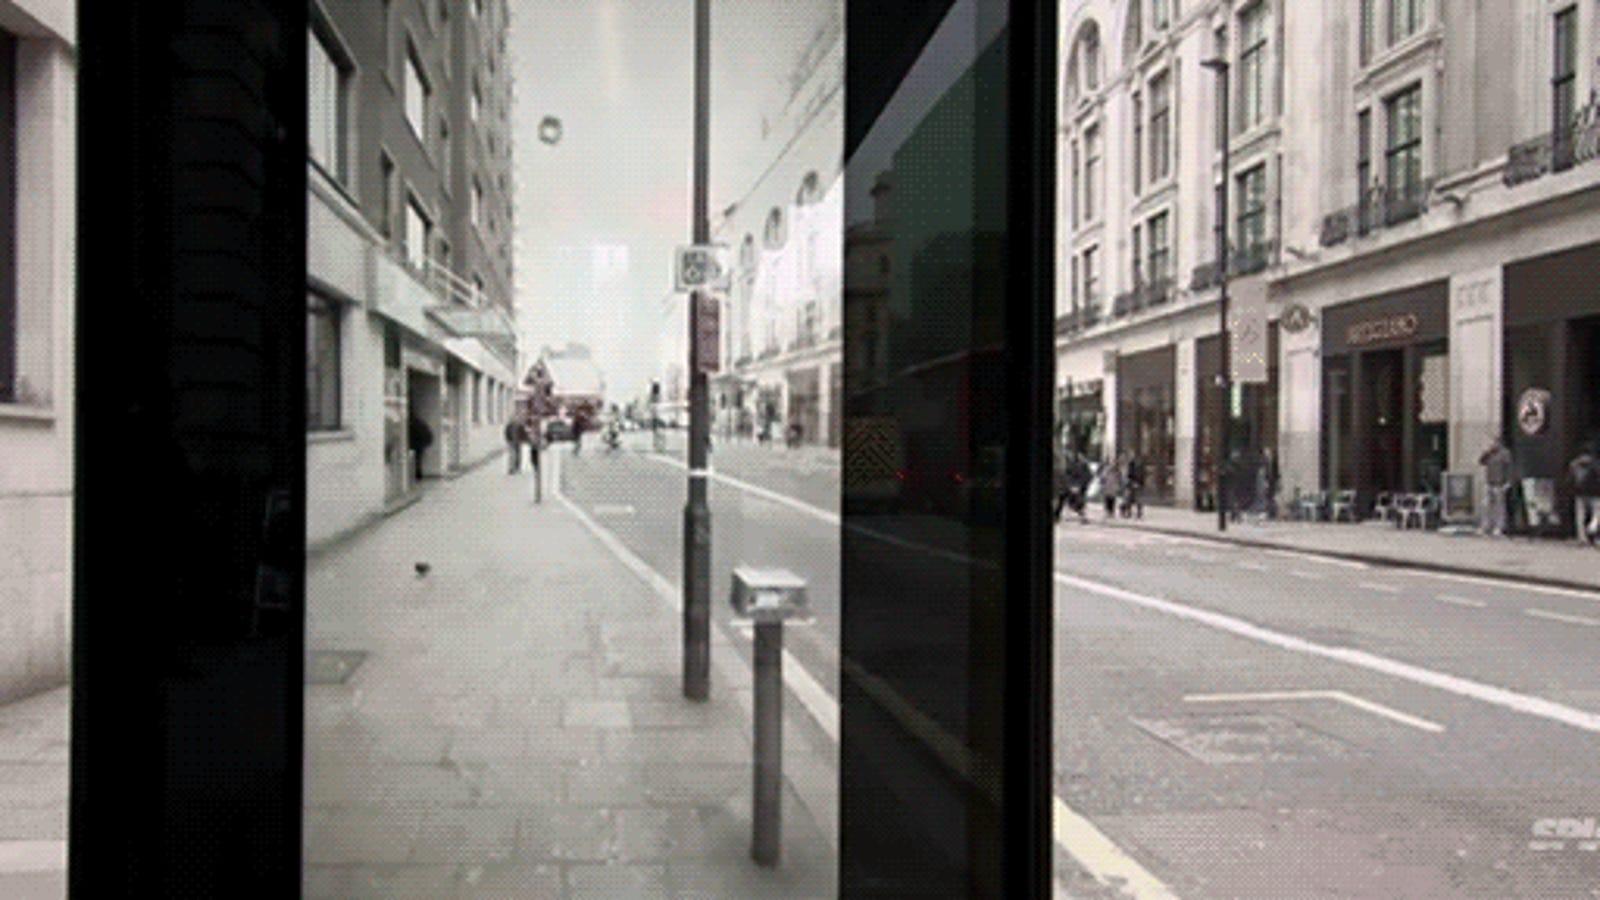 Una parada de bus atacada por meteoritos... en este genial anuncio